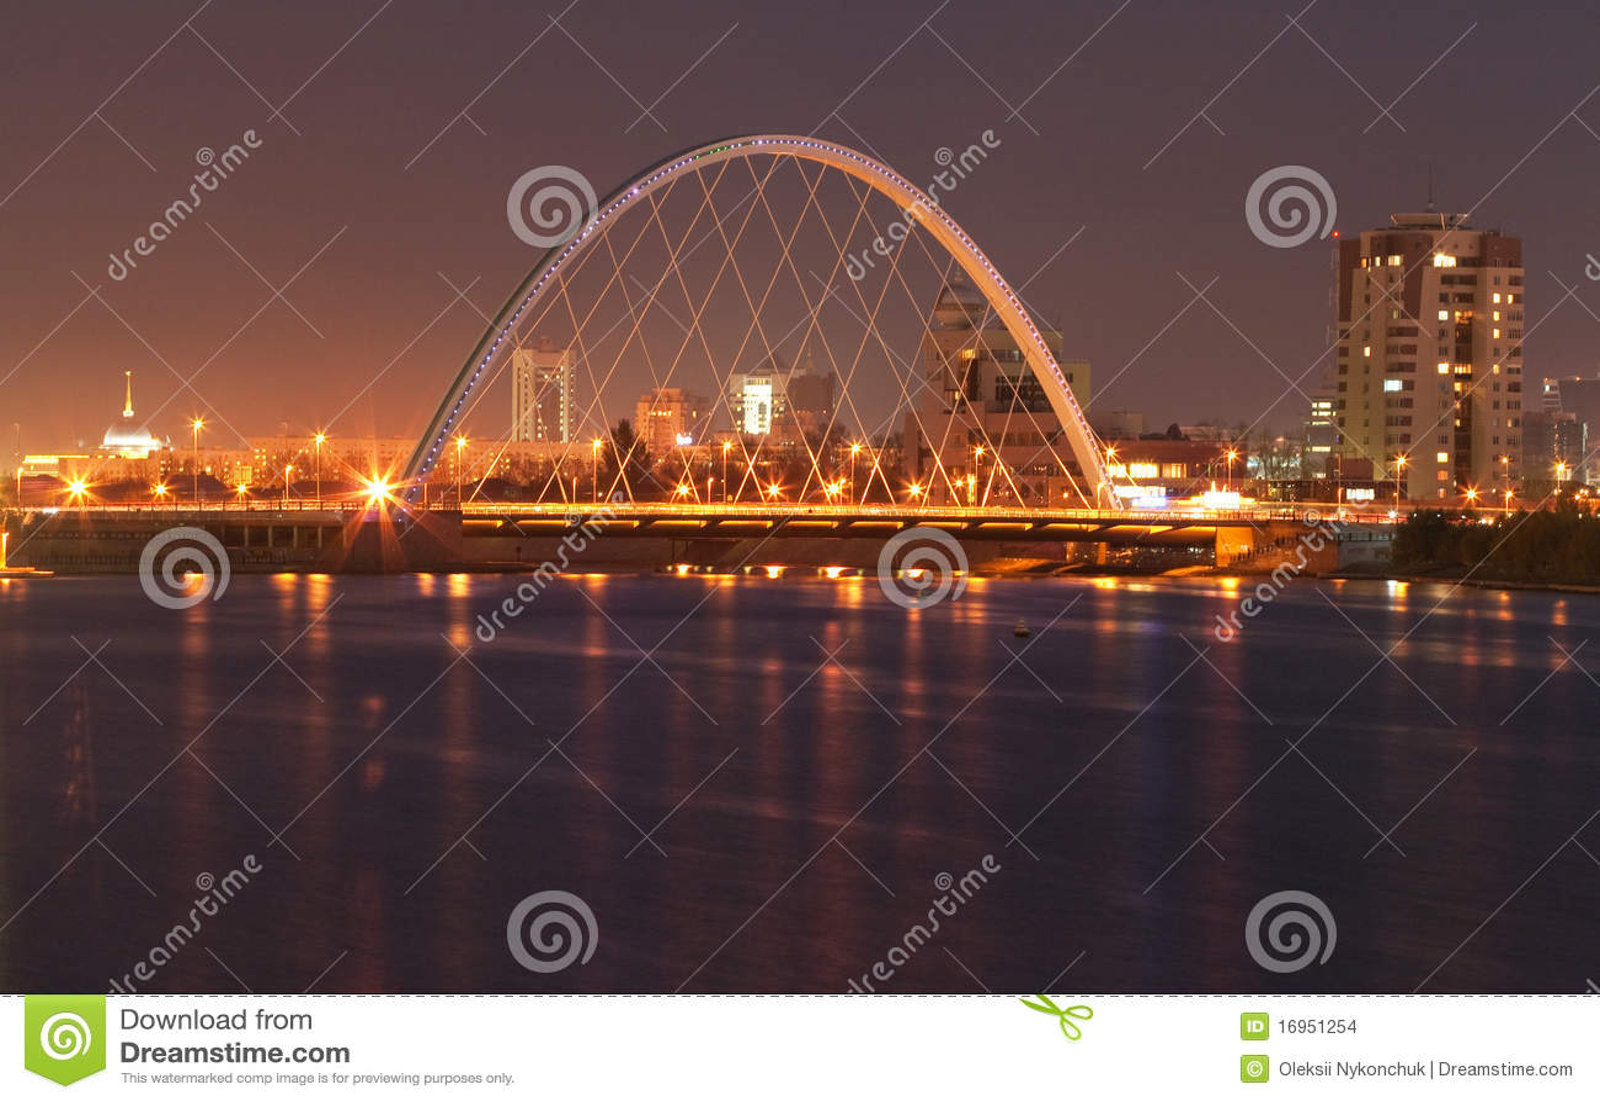 Astana bro